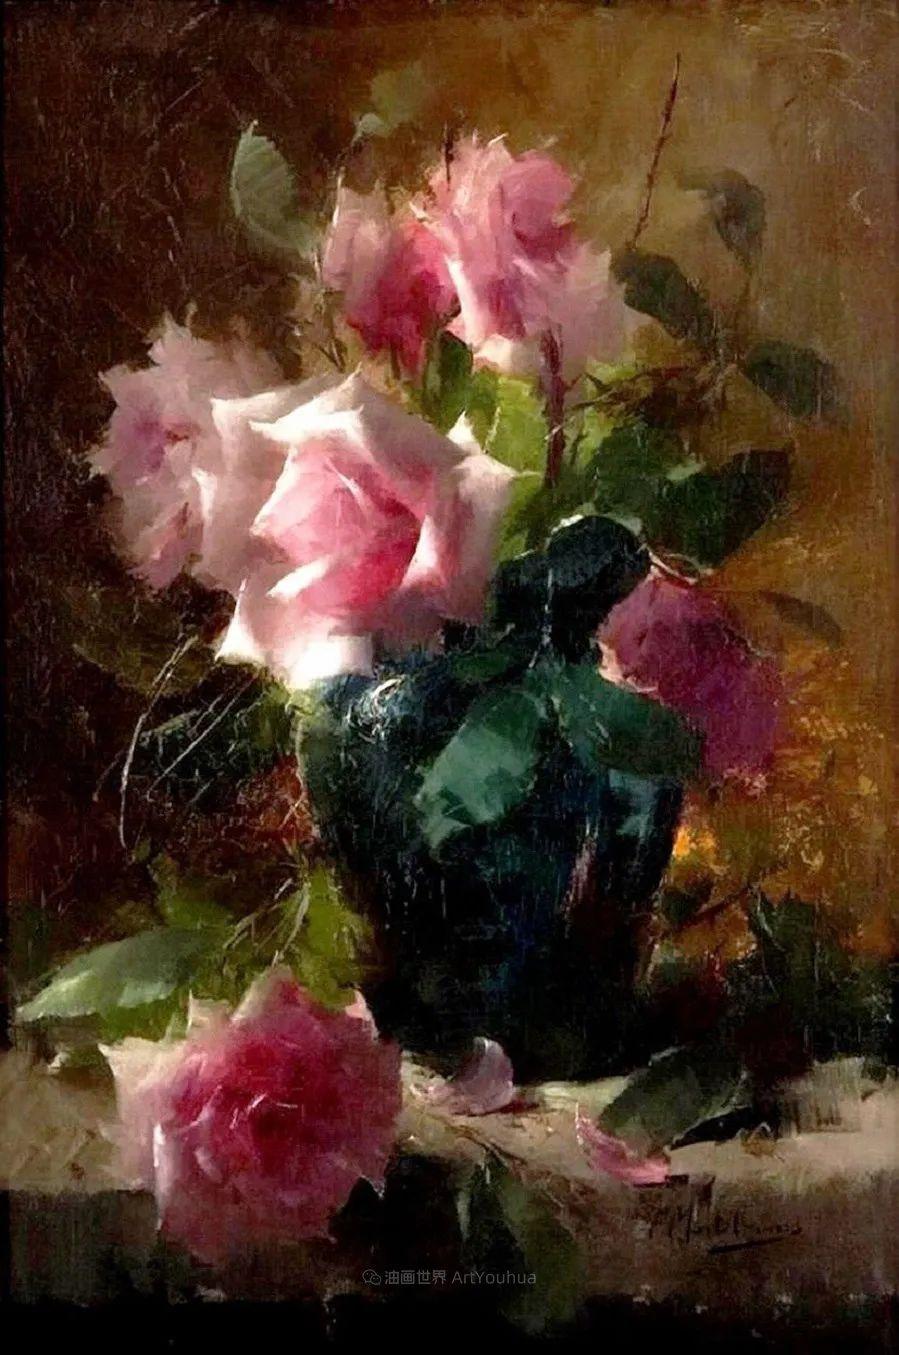 他笔下的粉色月季玫瑰,尤其受人关注!插图139